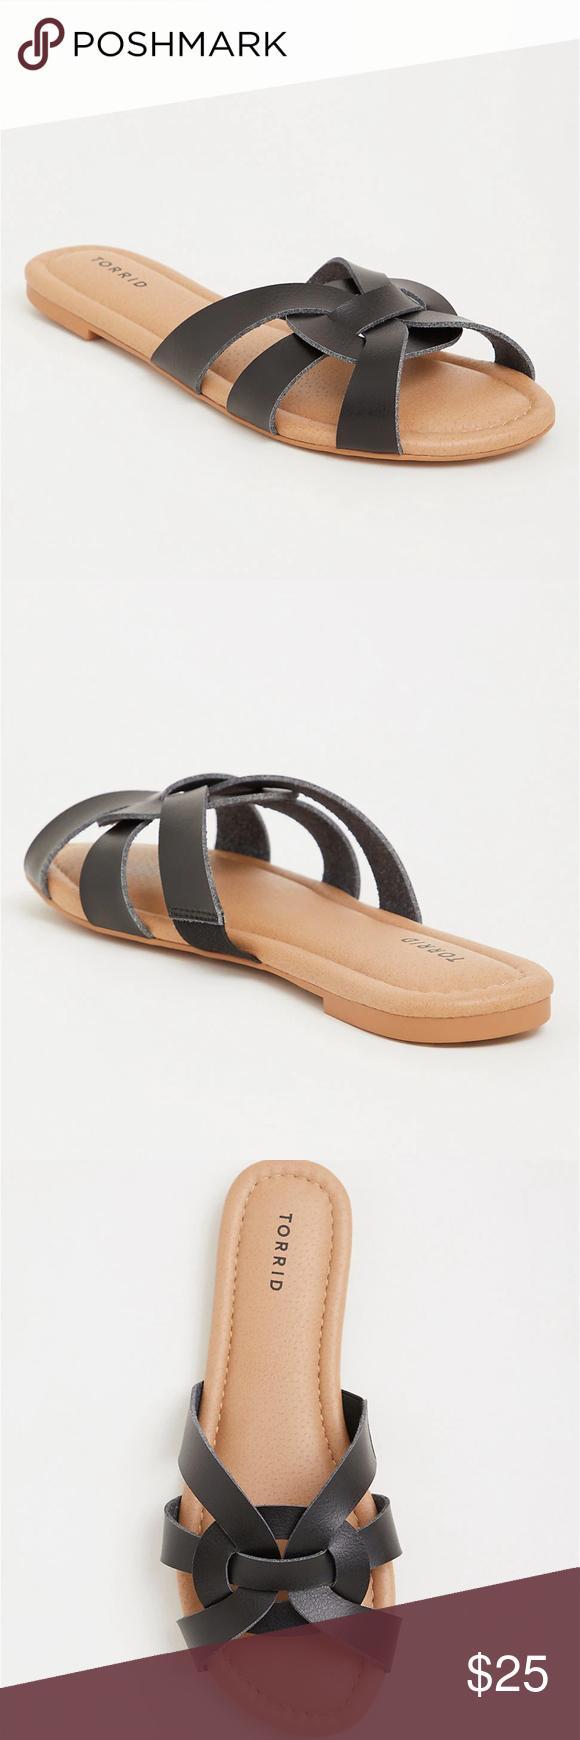 Wide Sandals Black Strappy Slides